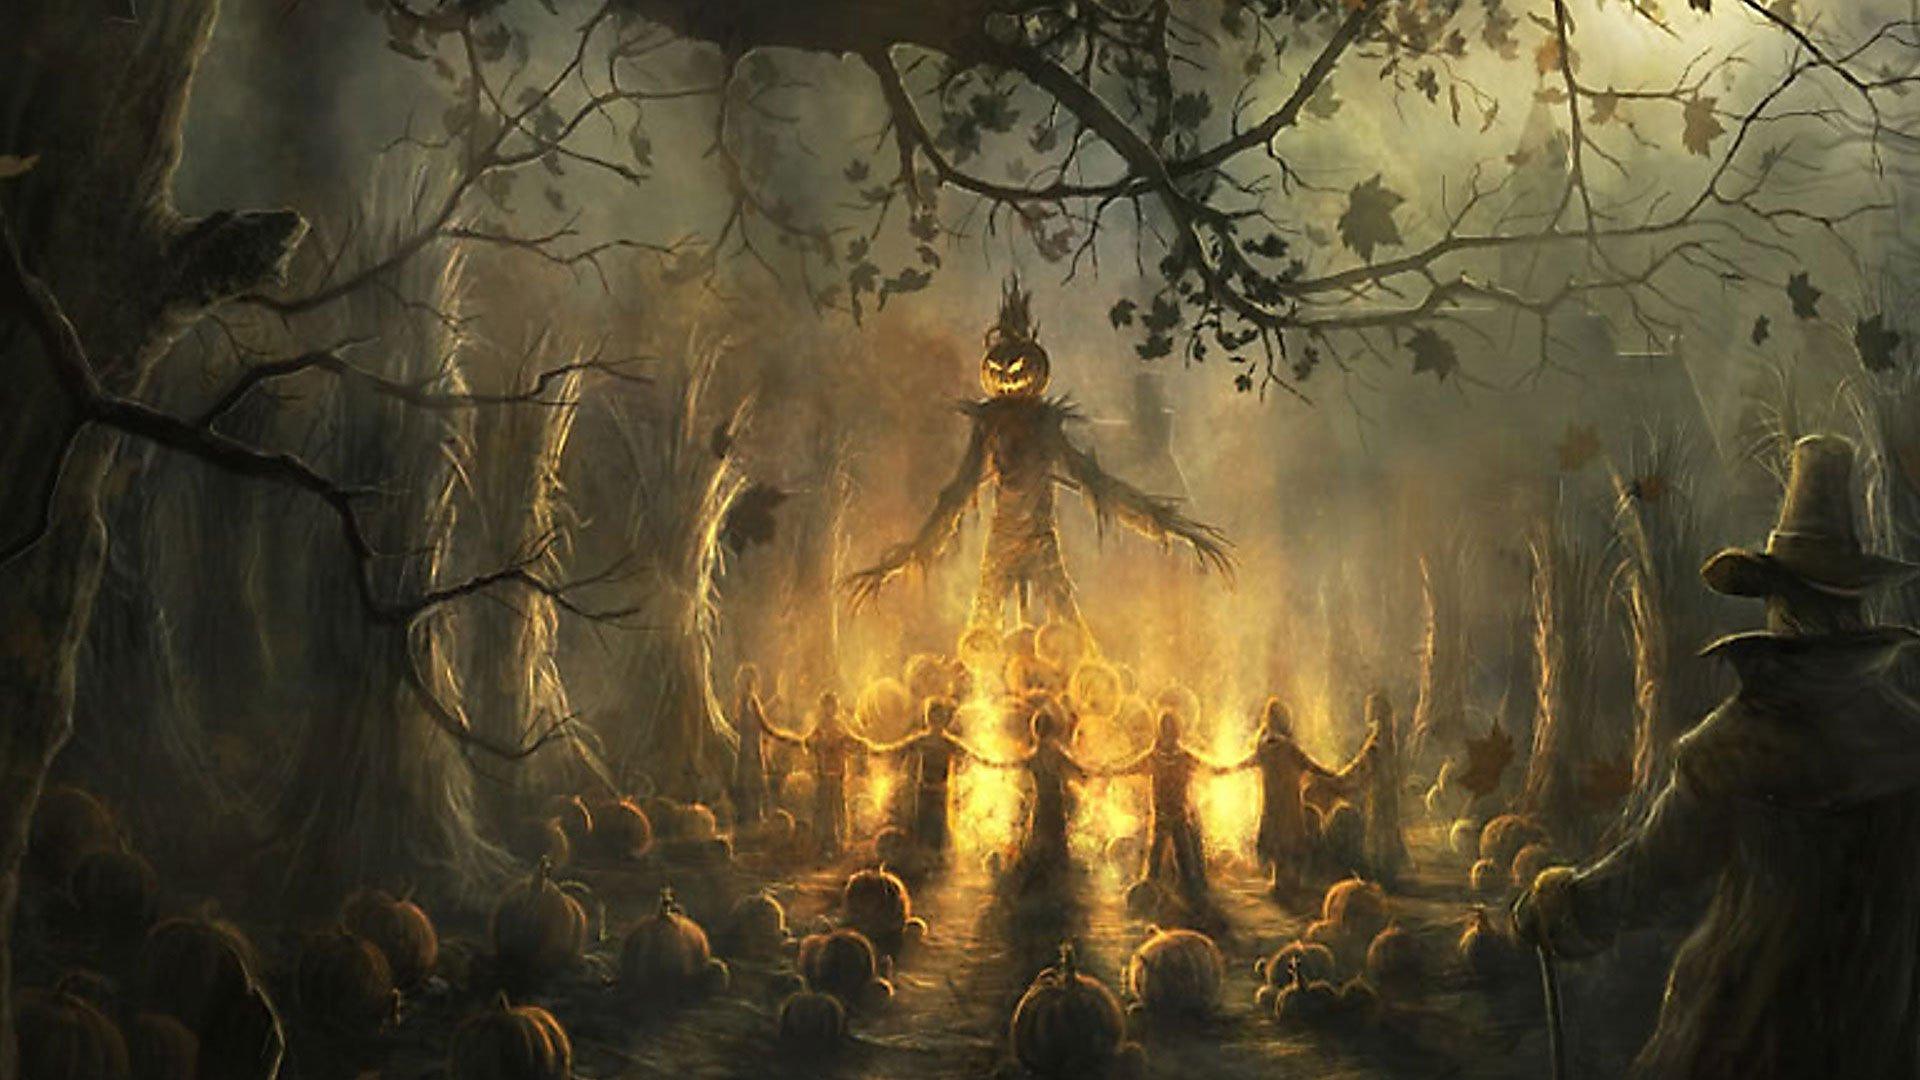 Halloween-Pumpkin-Scary-Wallpaper-1.jpg